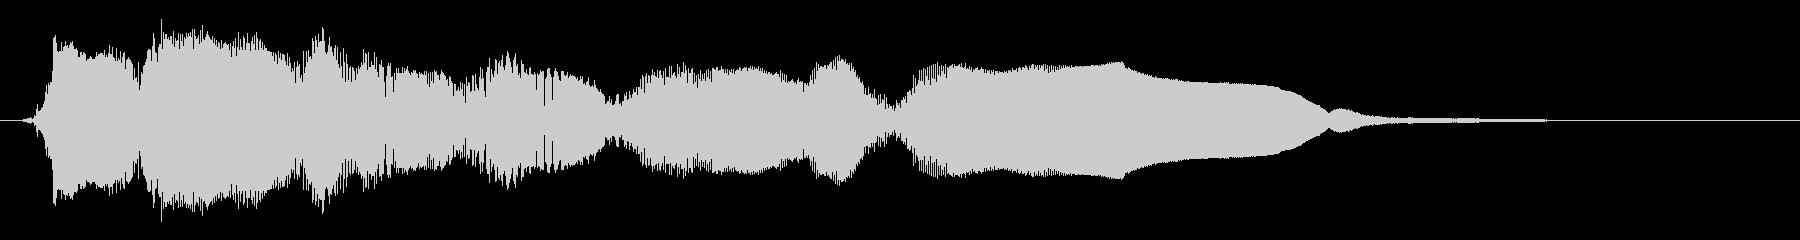 電子フィードバック:処理されたマル...の未再生の波形